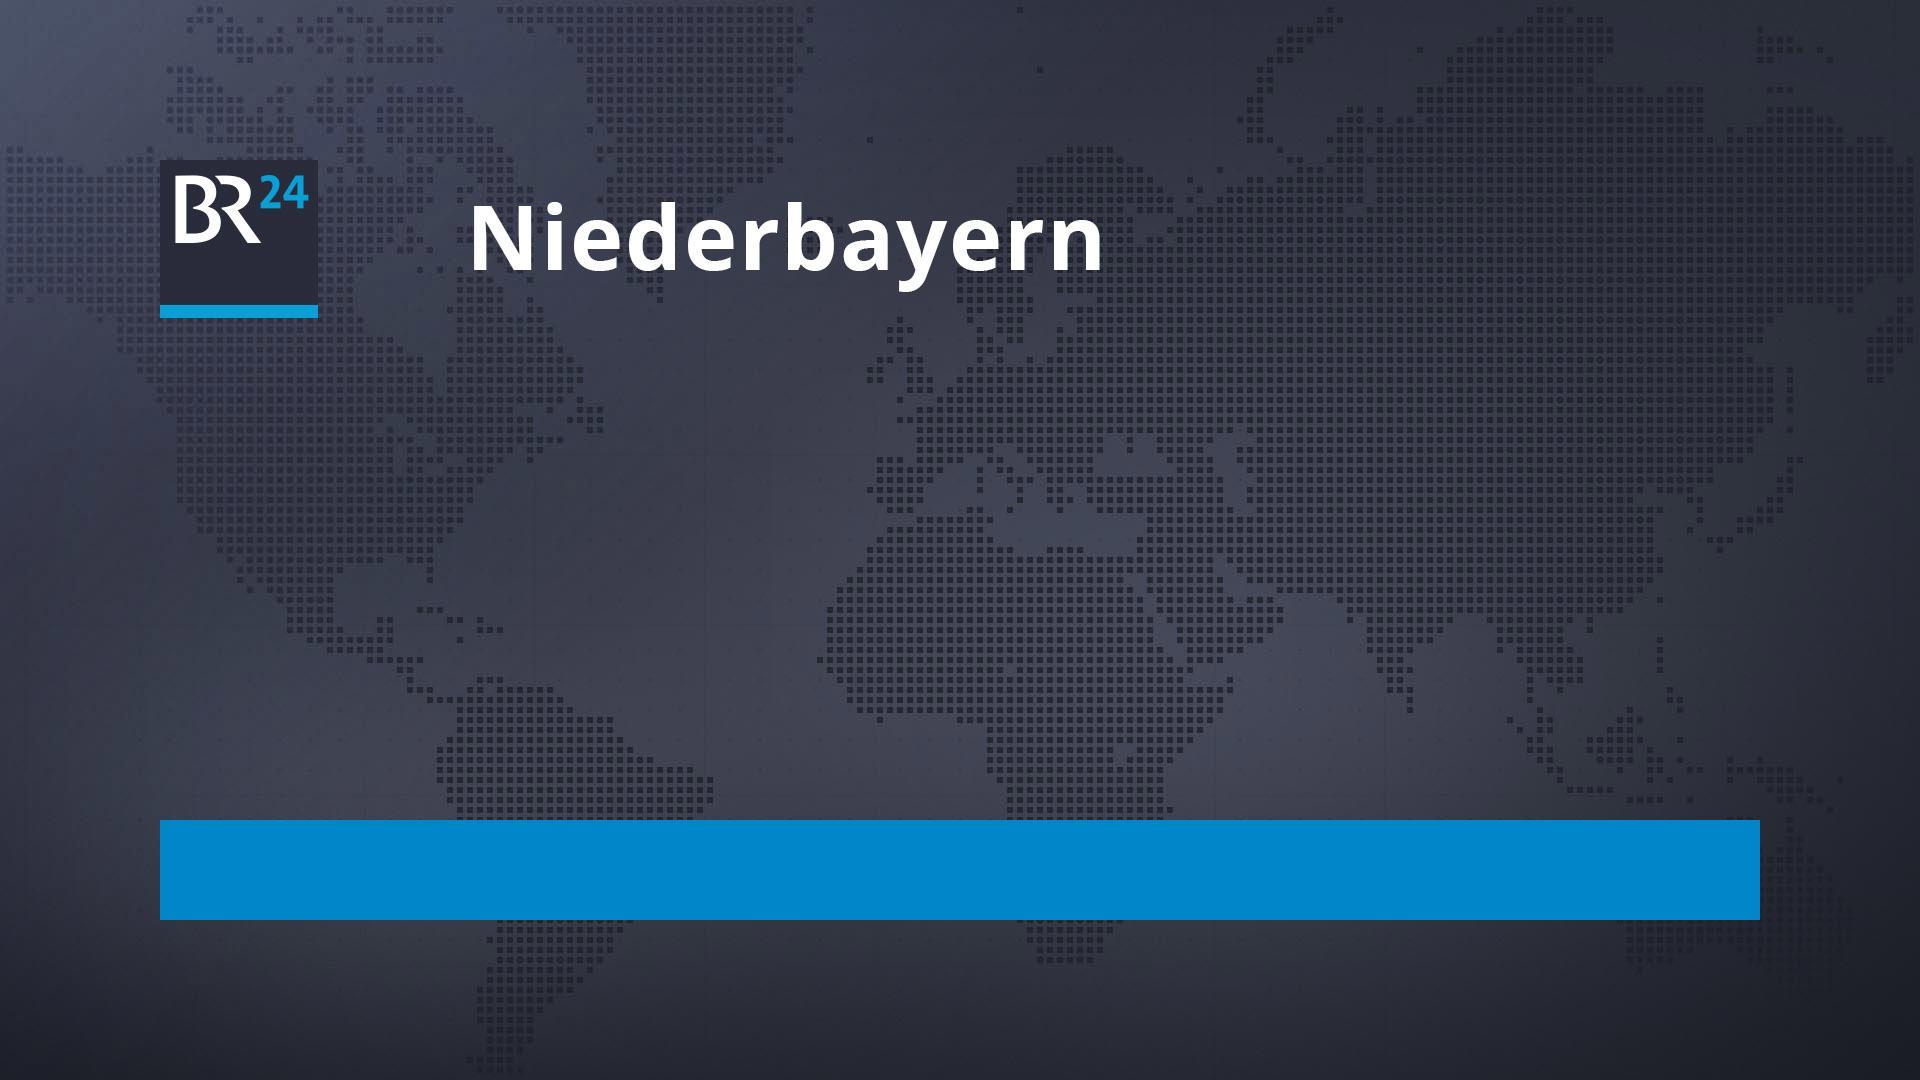 Symbolbild BR24 Niederbayern mit schwarzer Weltkarte im Hintergrund und Text Niederbayern